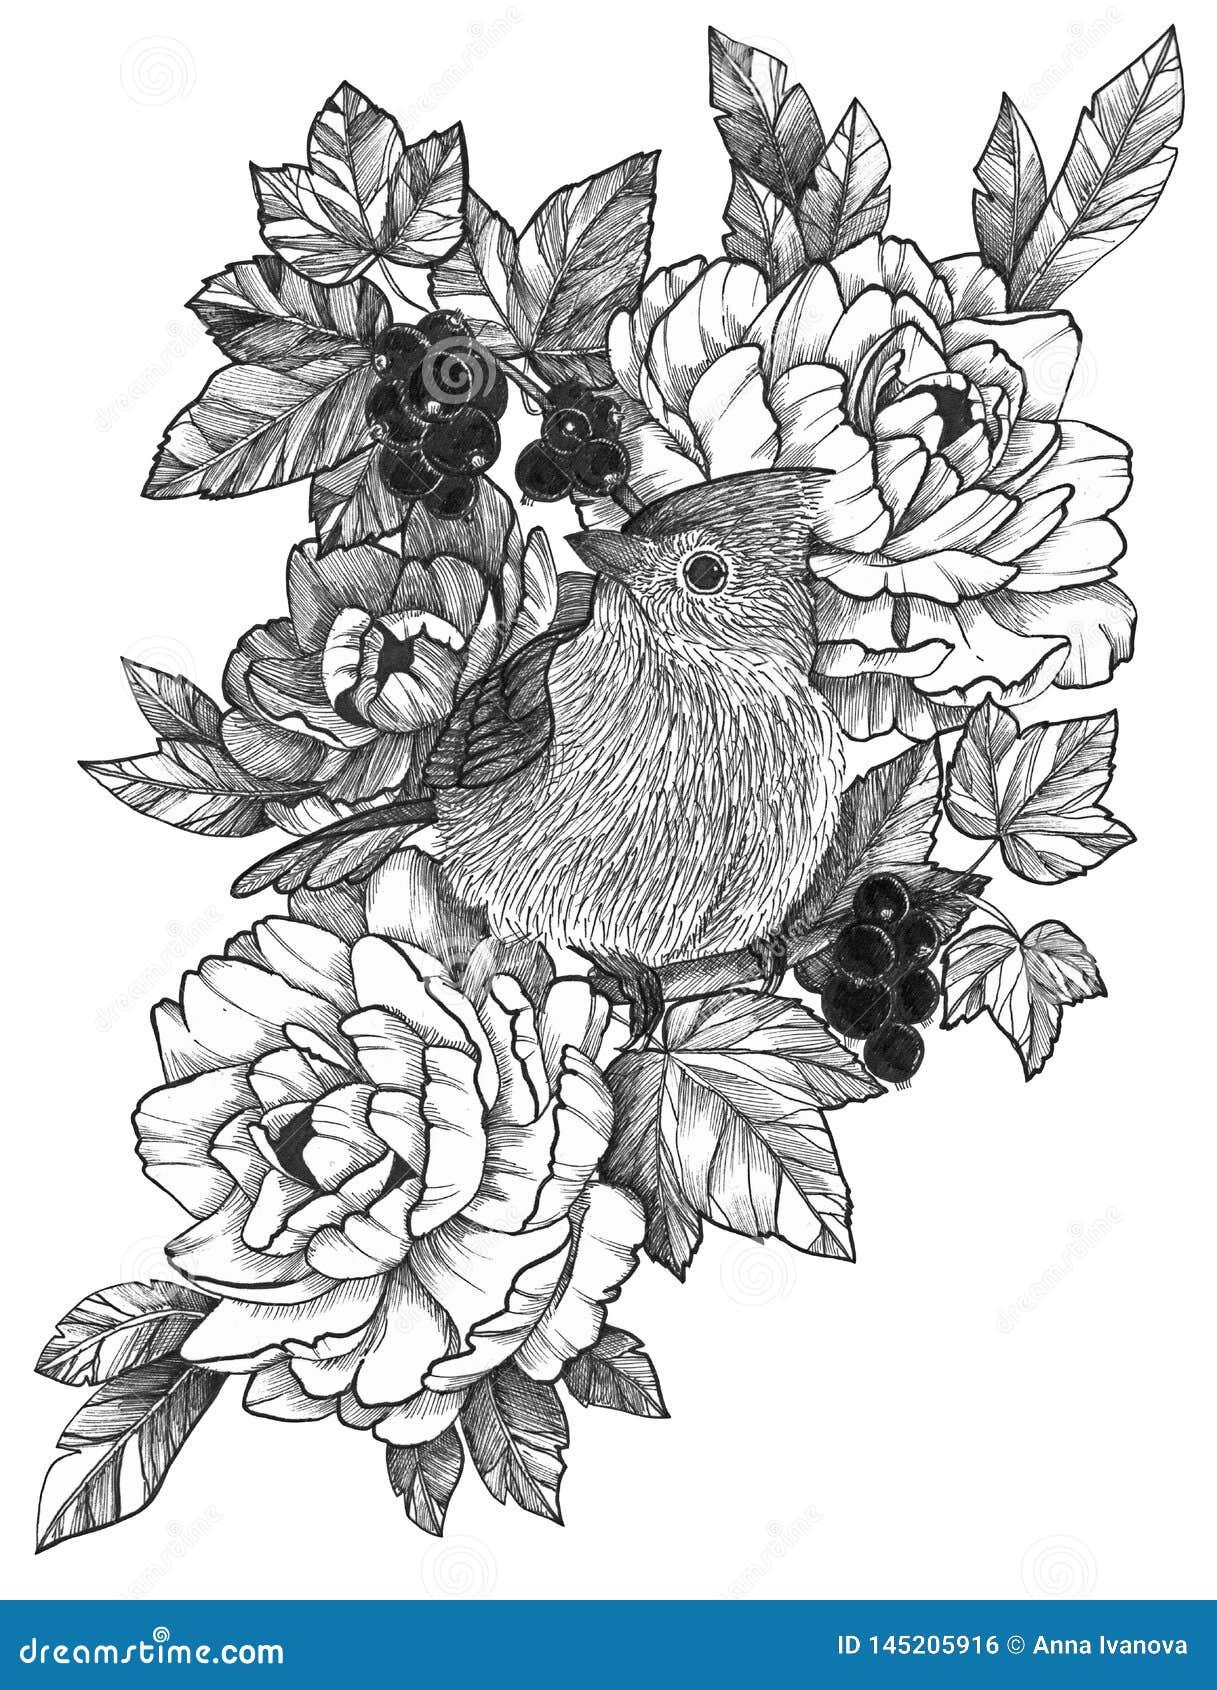 Μαύρο λεπτομερές μελάνι πουλί δερματοστιξιών στη Floral σύνθεση